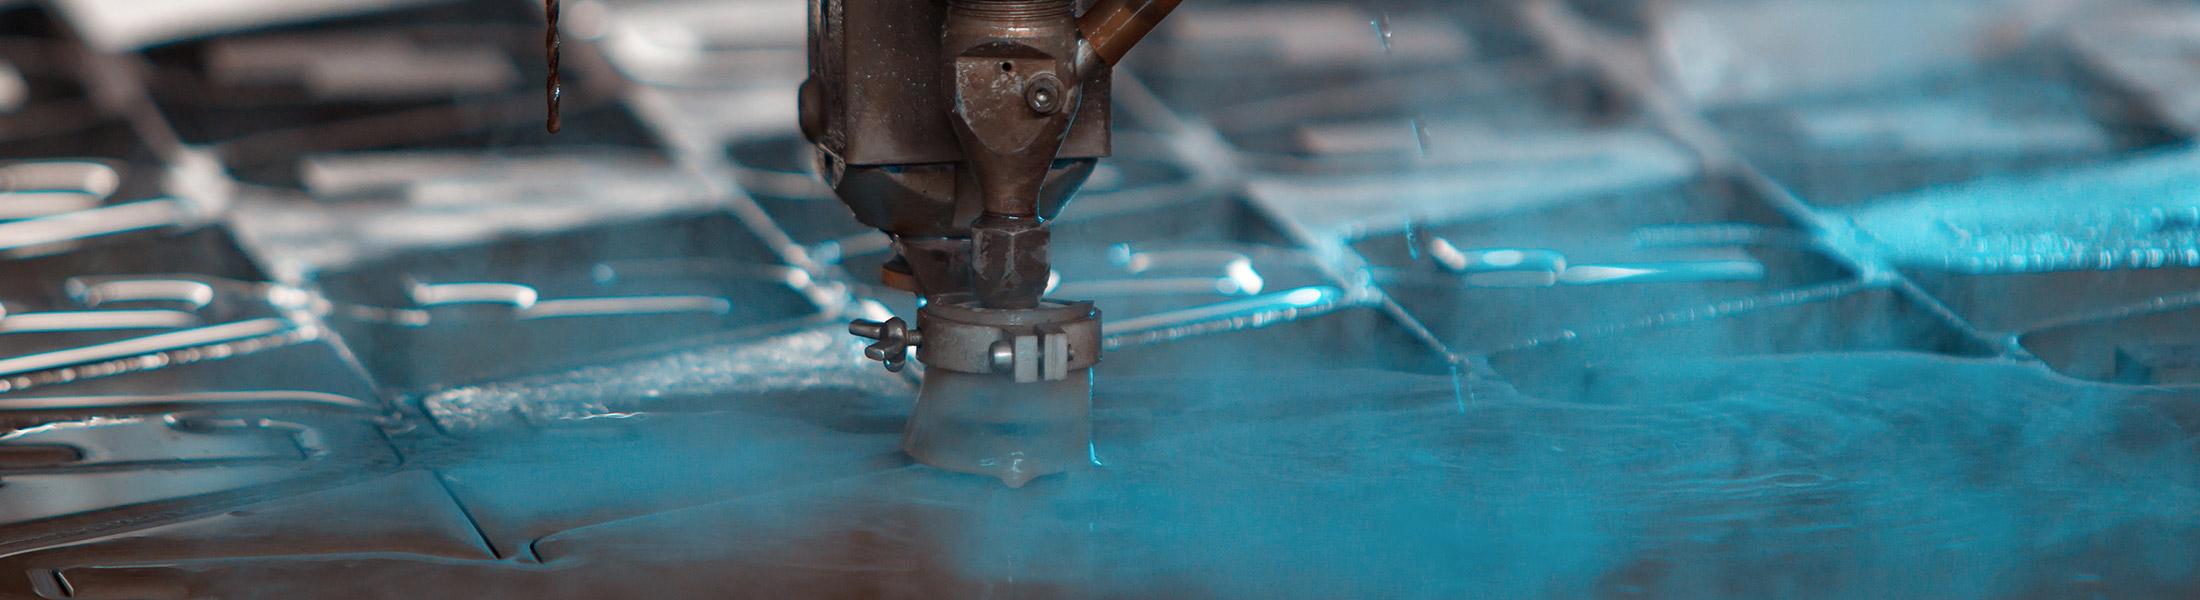 Wasserstrahlschneider im Einsatz